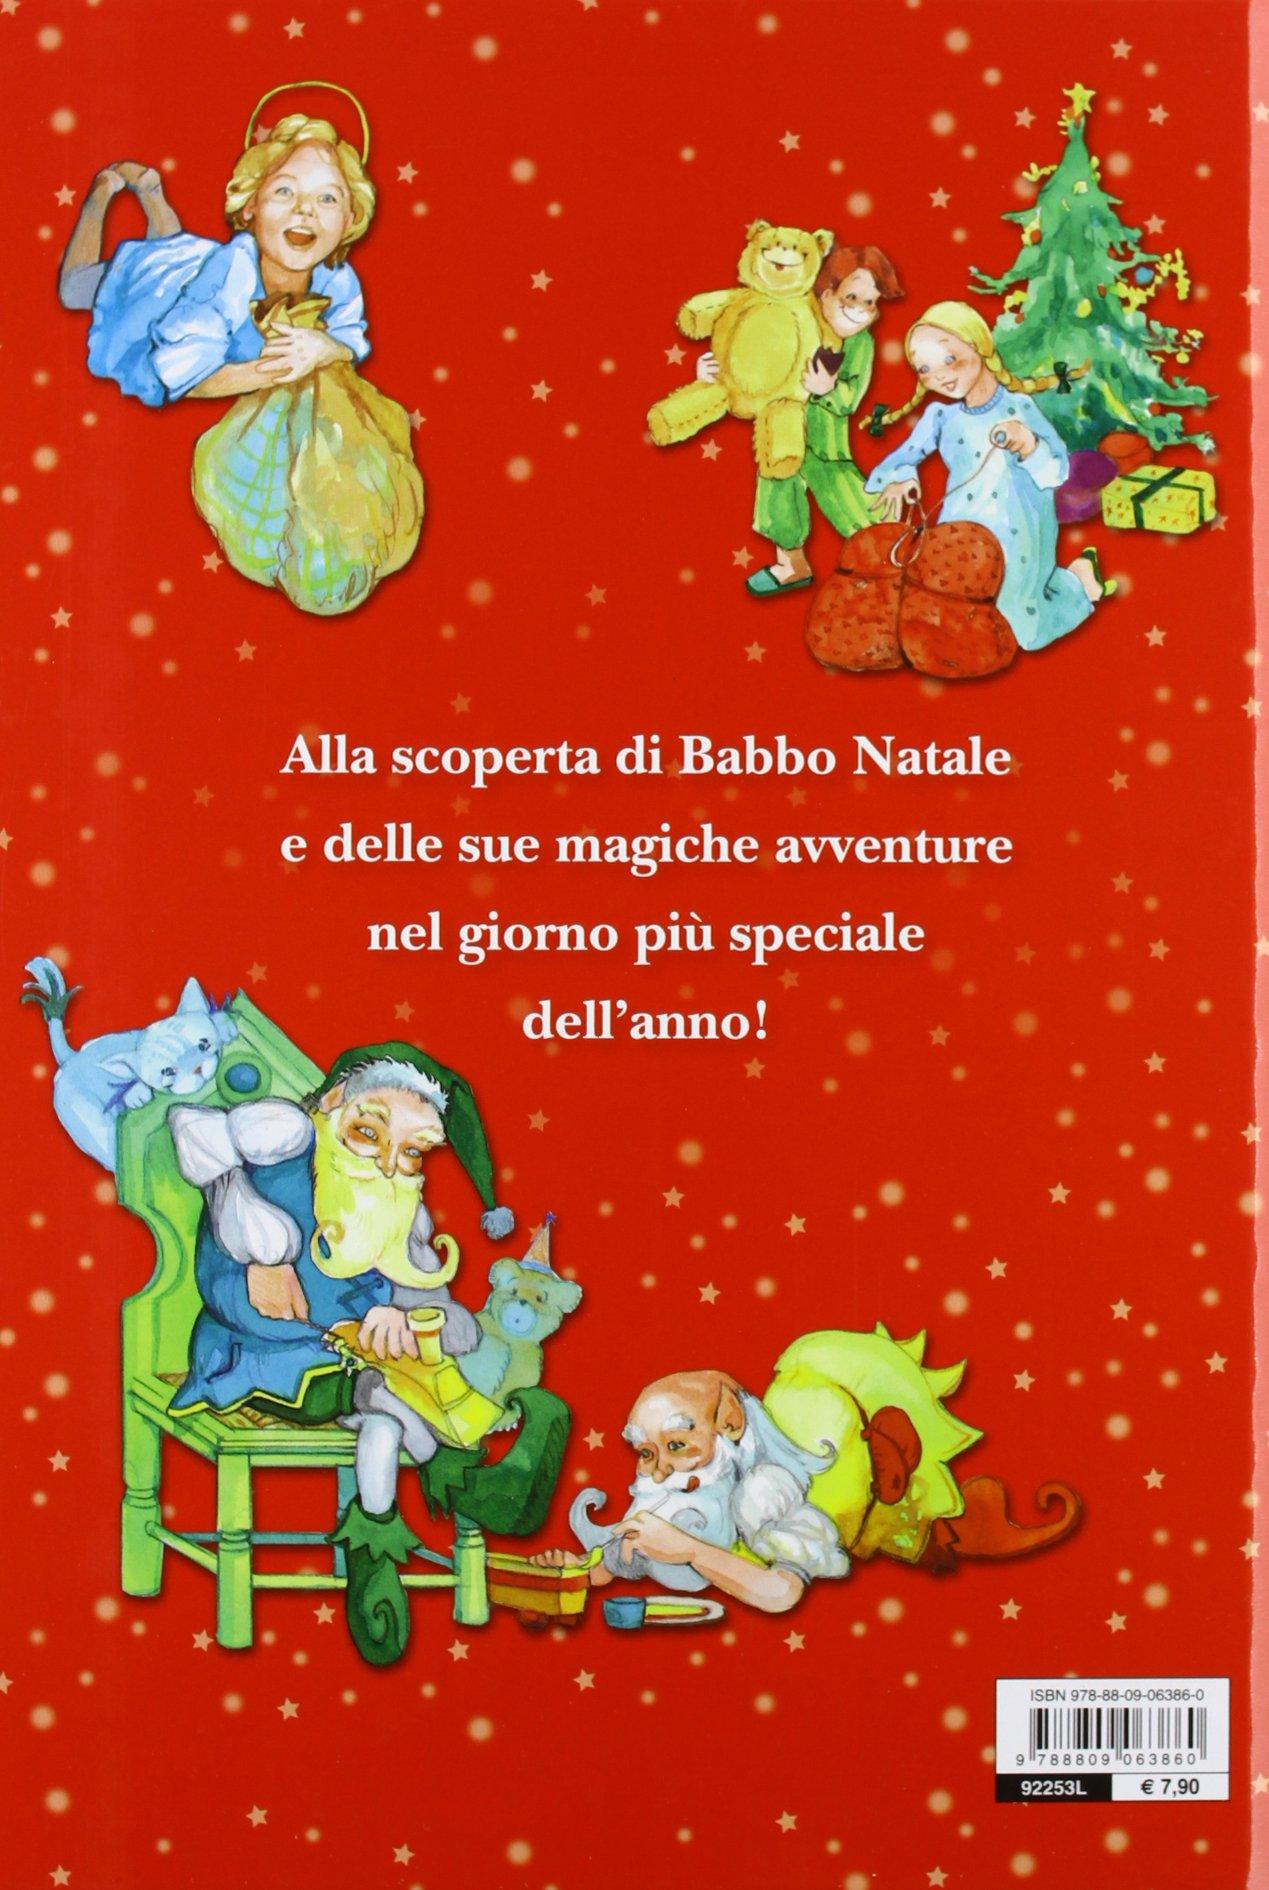 Le Storie Di Babbo Natale.La Vera Storia Di Babbo Natale 9788809063860 Amazon Com Books